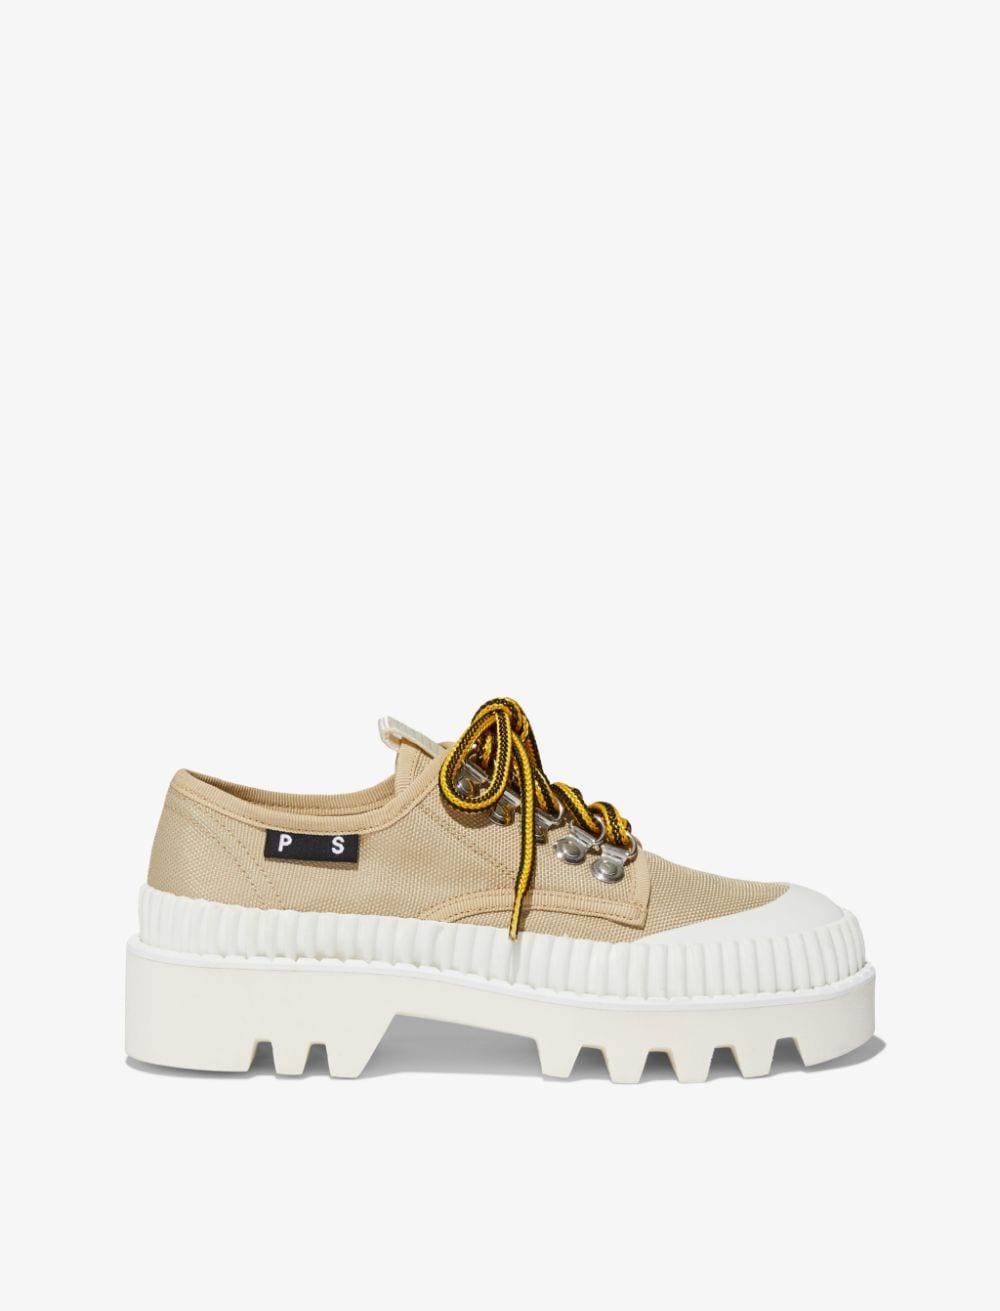 Proenza Schouler City Lug Sole Shoes beige + white/neutrals 36